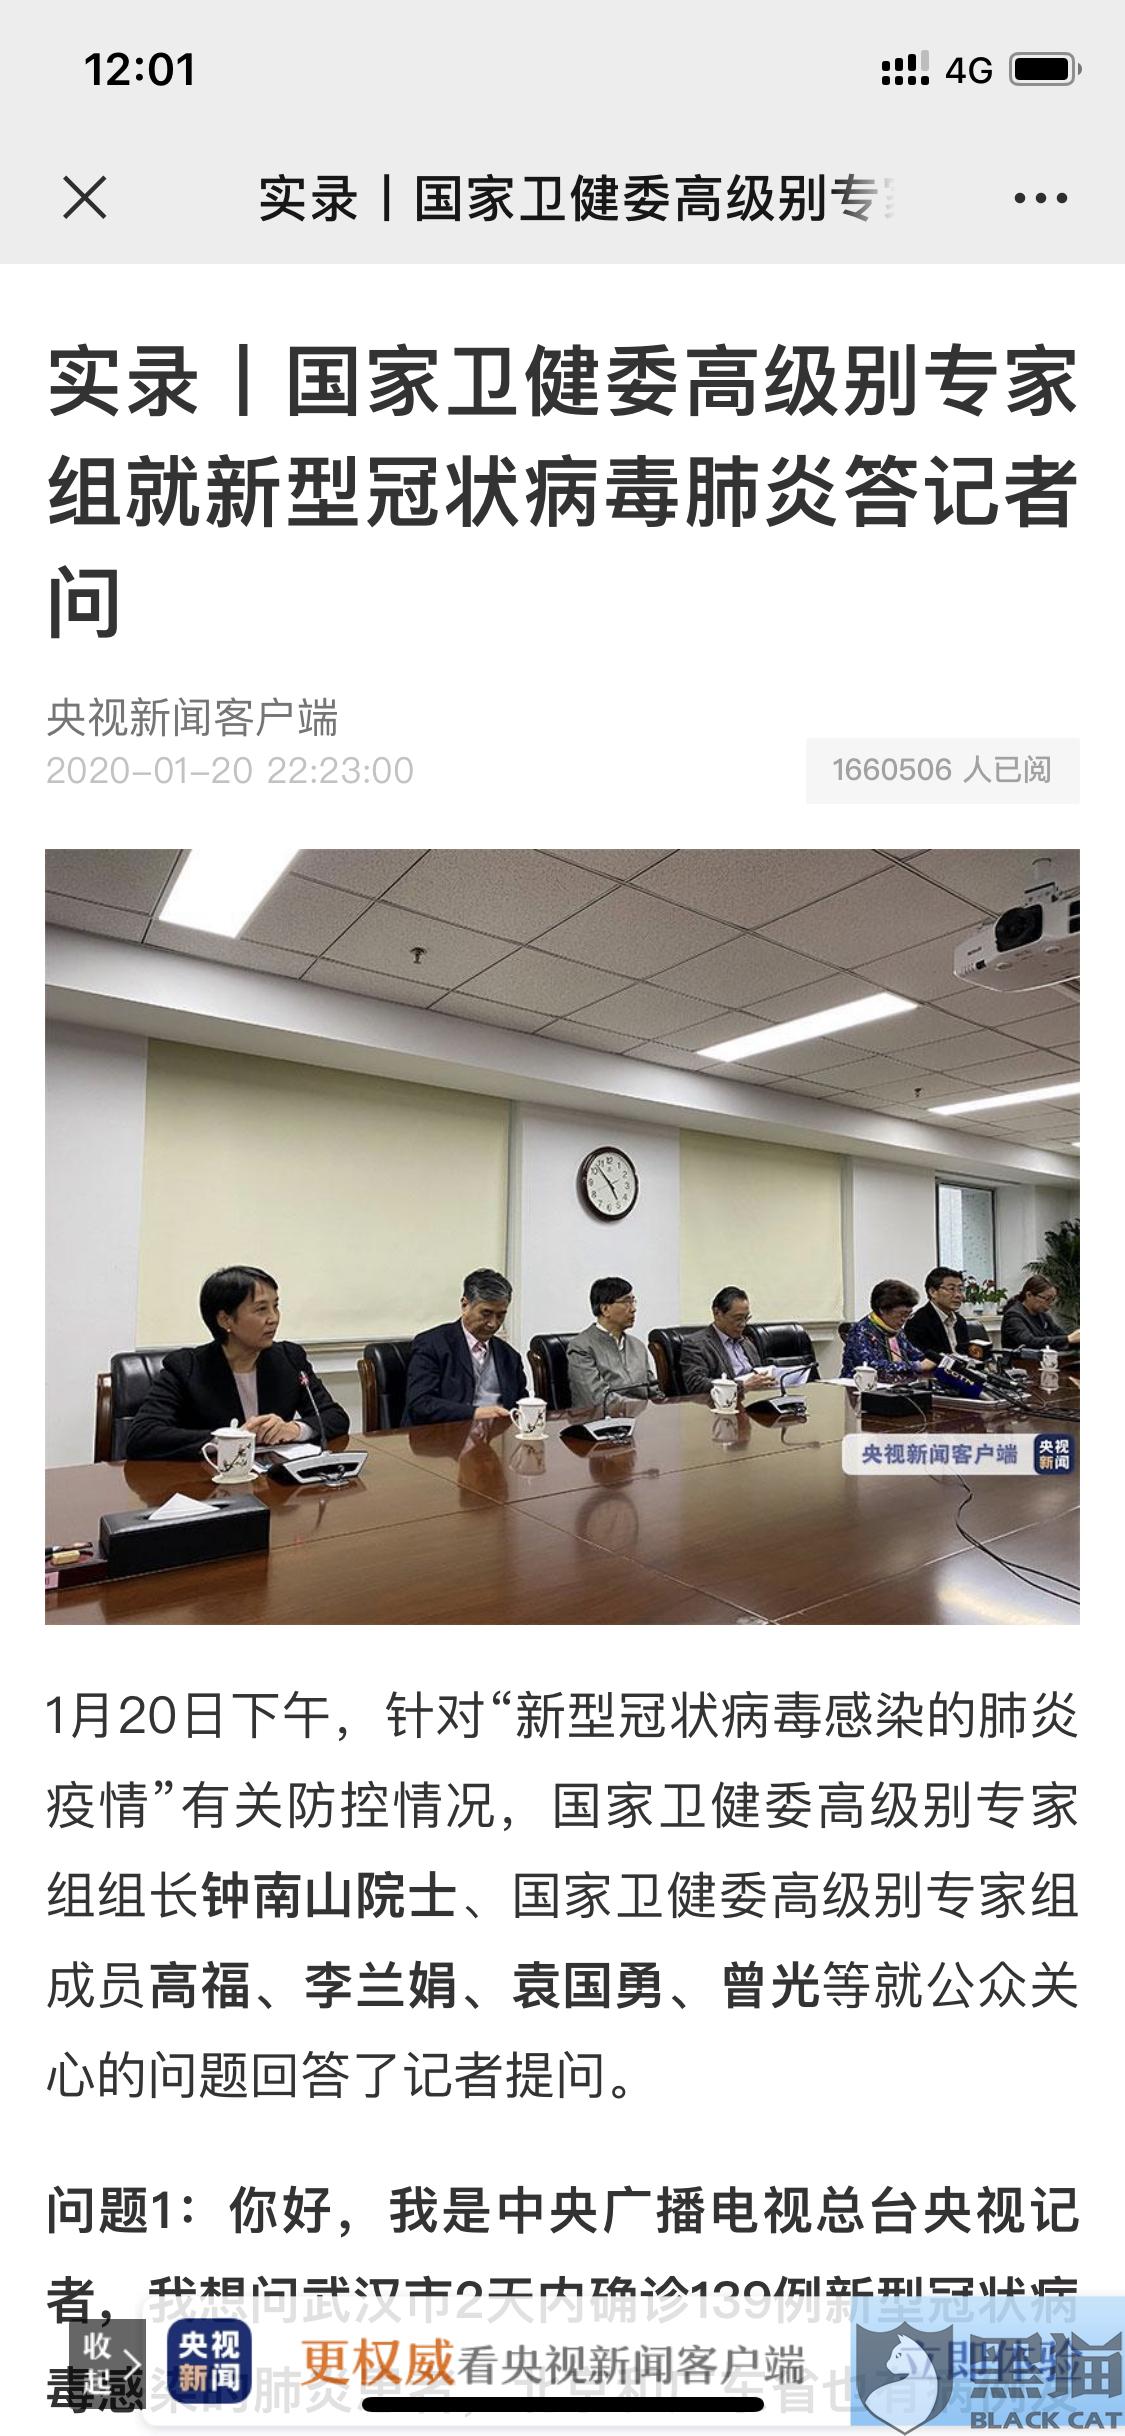 黑猫投诉:疫情蔓延期飞猪预订酒店入住特殊退款申请